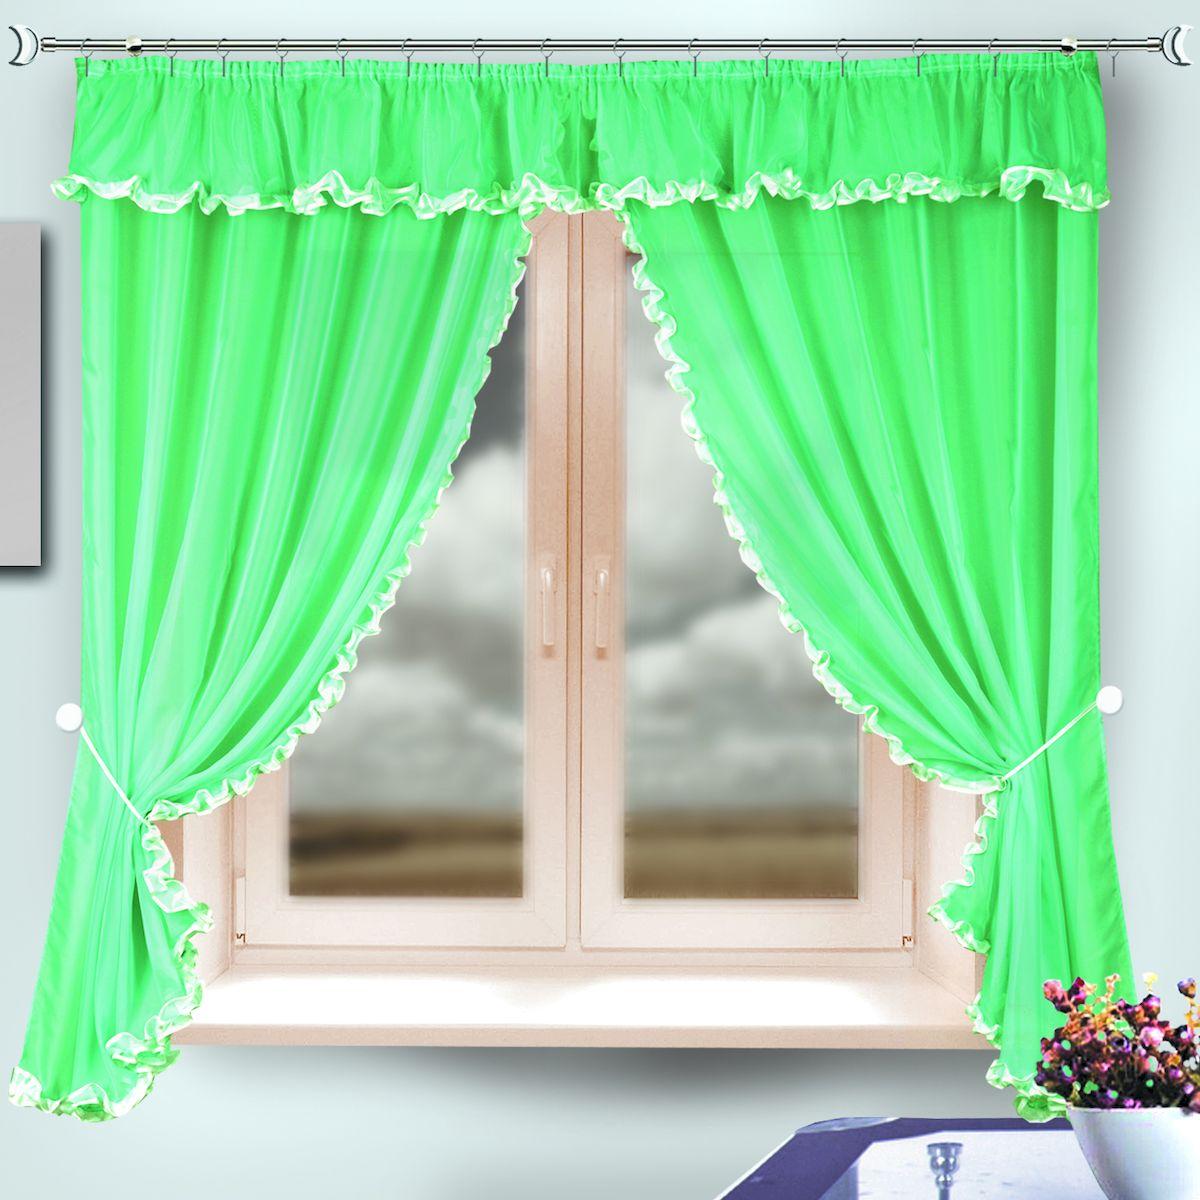 Комплект штор для кухни Zlata Korunka, на ленте, цвет: зеленый, высота 170 см. 3333133331Комплект штор для кухни Zlata Korunka, выполненный из полиэстера, великолепно украсит любое окно. Комплект состоит из 2 штор и ламбрекена. Классический крой и приятная цветовая гамма привлекут к себе внимание и органично впишутся в интерьер помещения. Этот комплект будет долгое время радовать вас и вашу семью! Комплект крепится на карниз при помощи ленты, которая поможет красиво и равномерно задрапировать верх. В комплект входит: Штора: 2 шт. Размер (Ш х В): 140 х 170 см. Ламбрекен: 1 шт. Размер (Ш х В): 290 х 30 см.